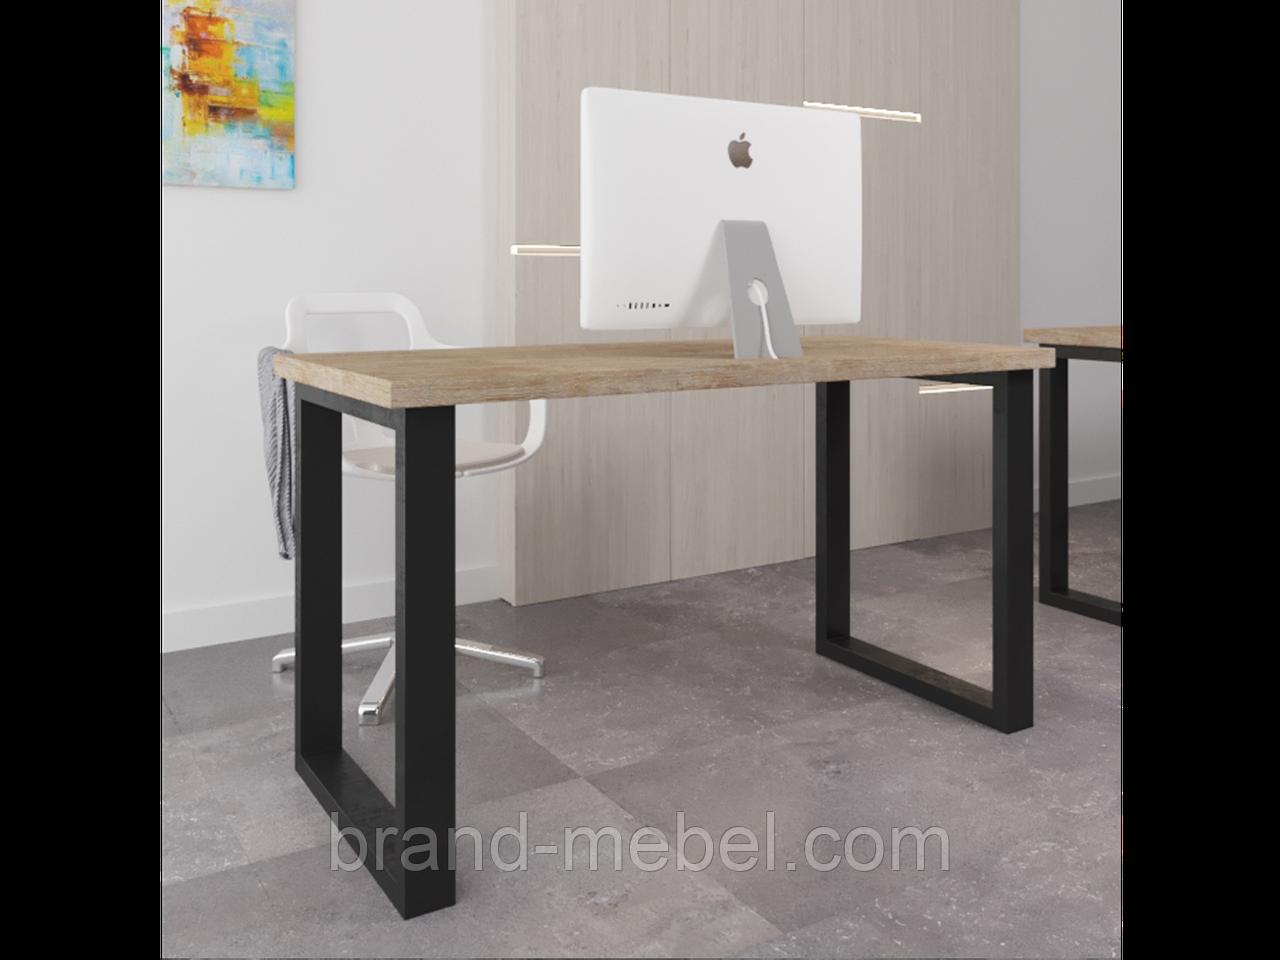 Стіл обідній Спот Оверхед (стол обеденный) в стилі Лофт Loft